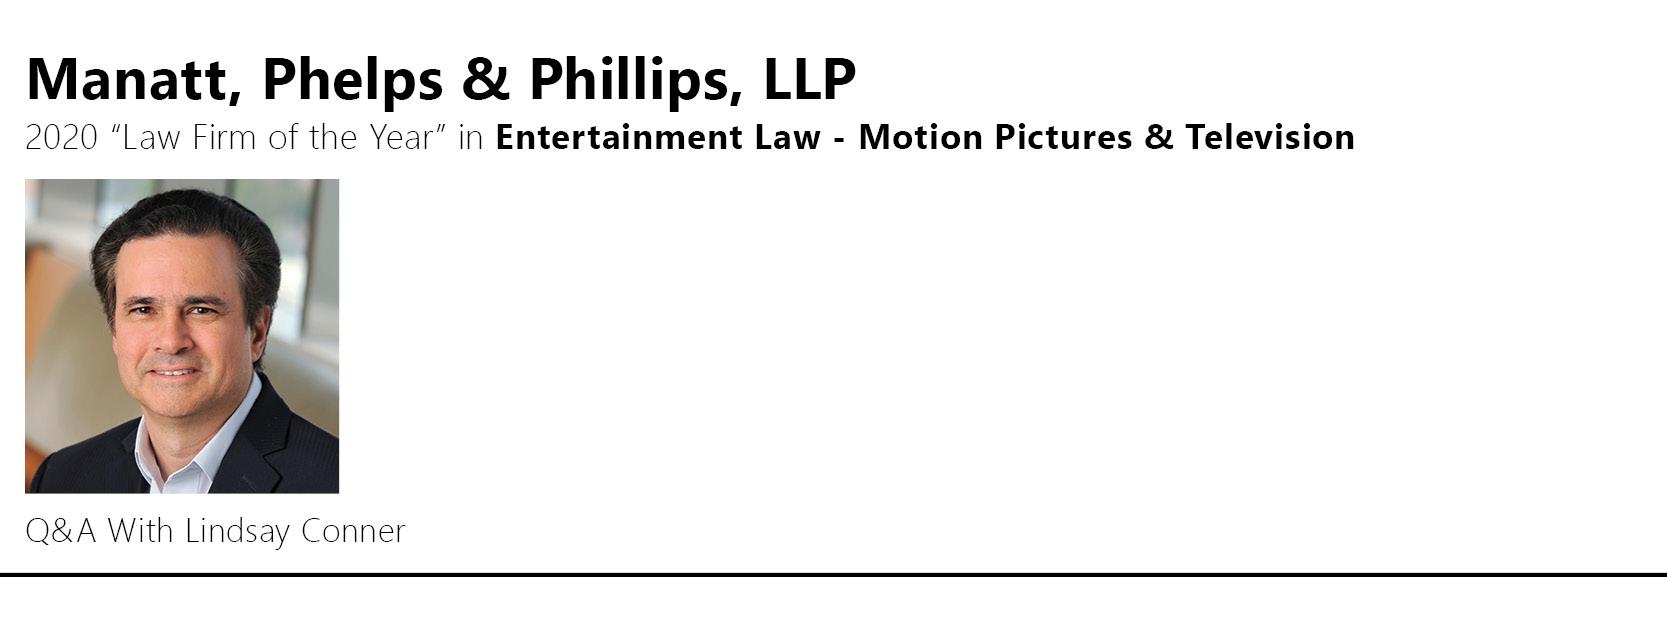 Manatt Phelps & Phillips